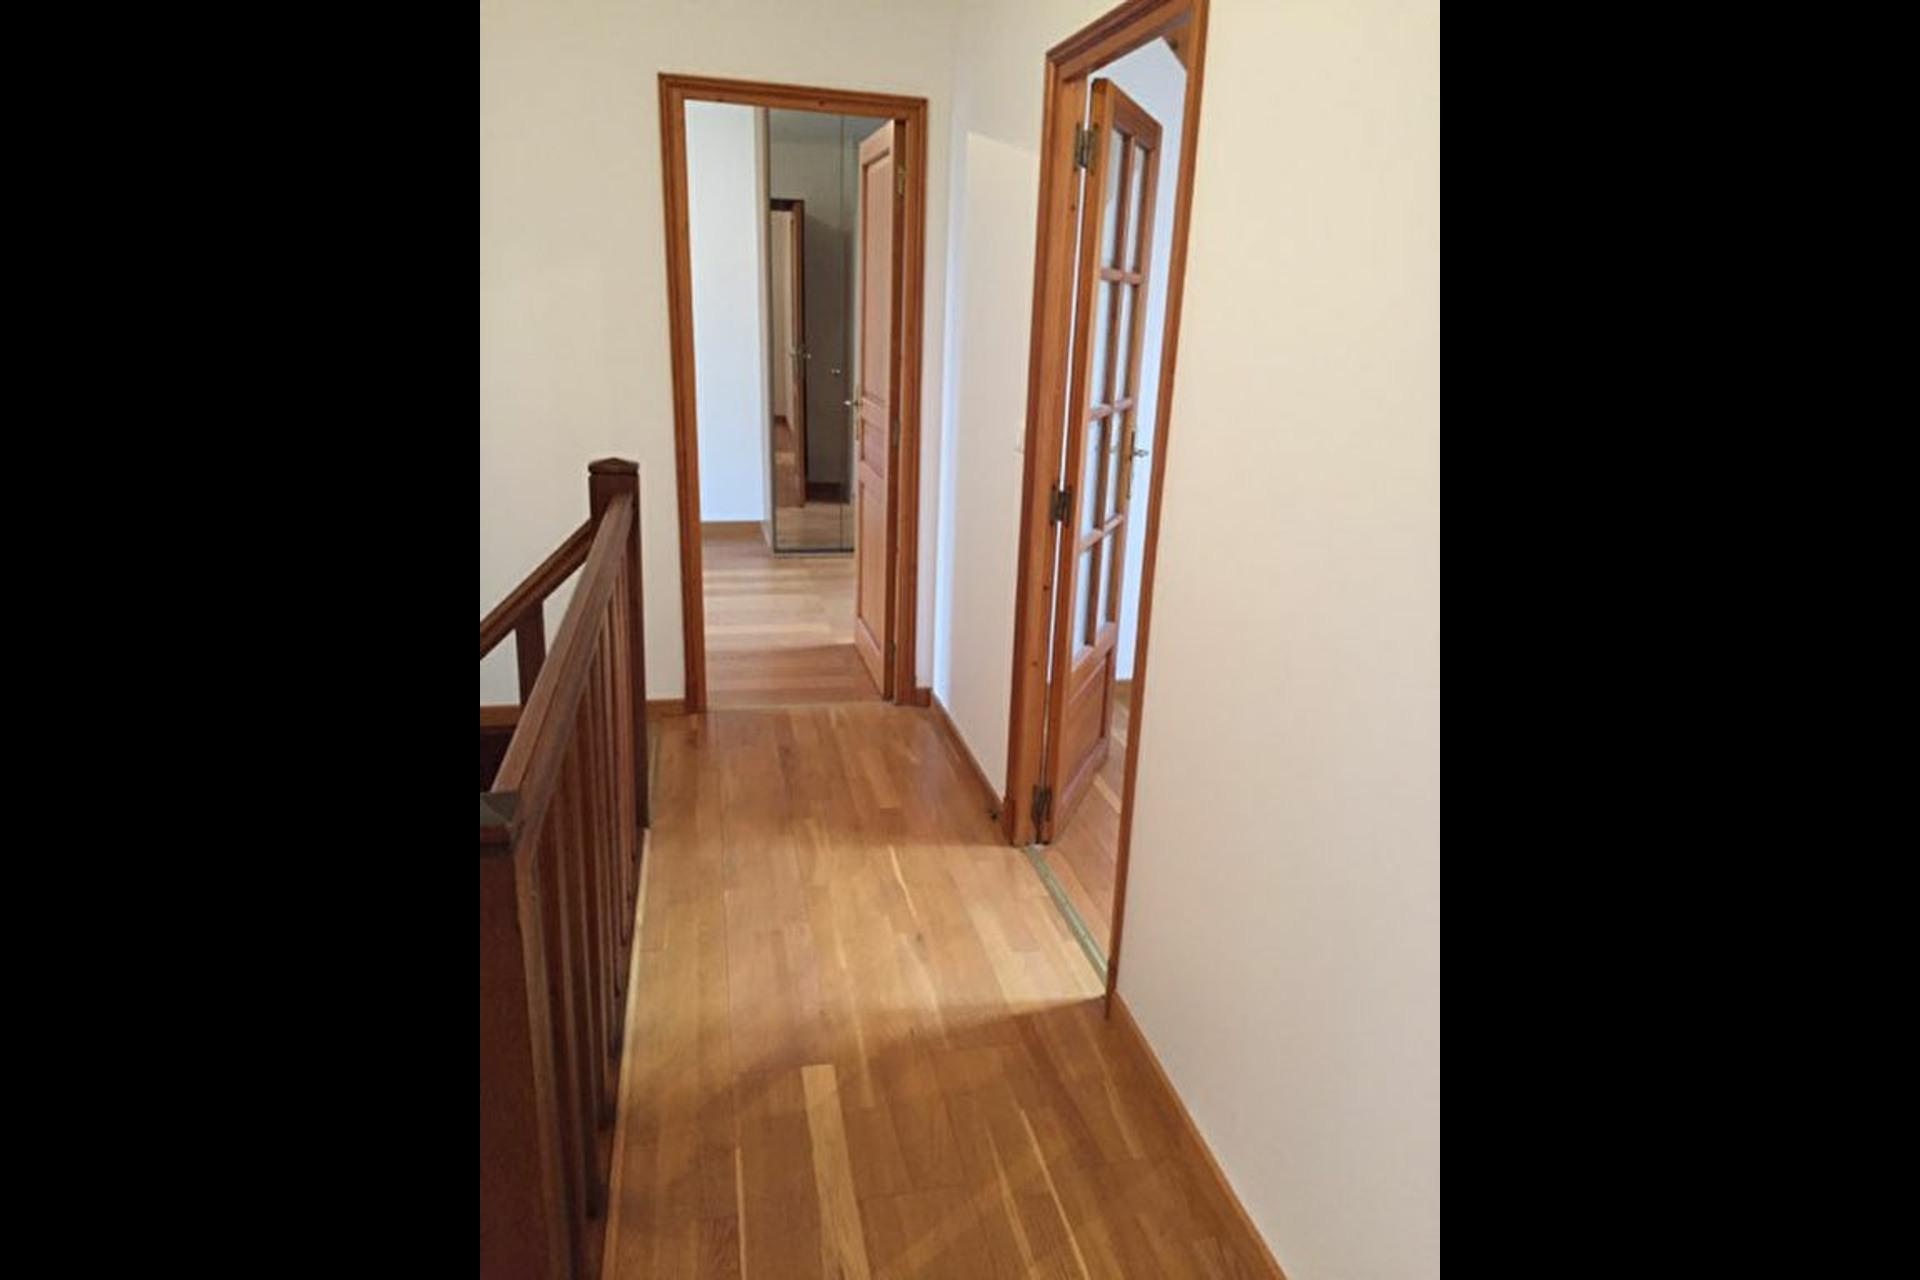 image 8 - Townhouse For rent saint nom la breteche - 5 rooms